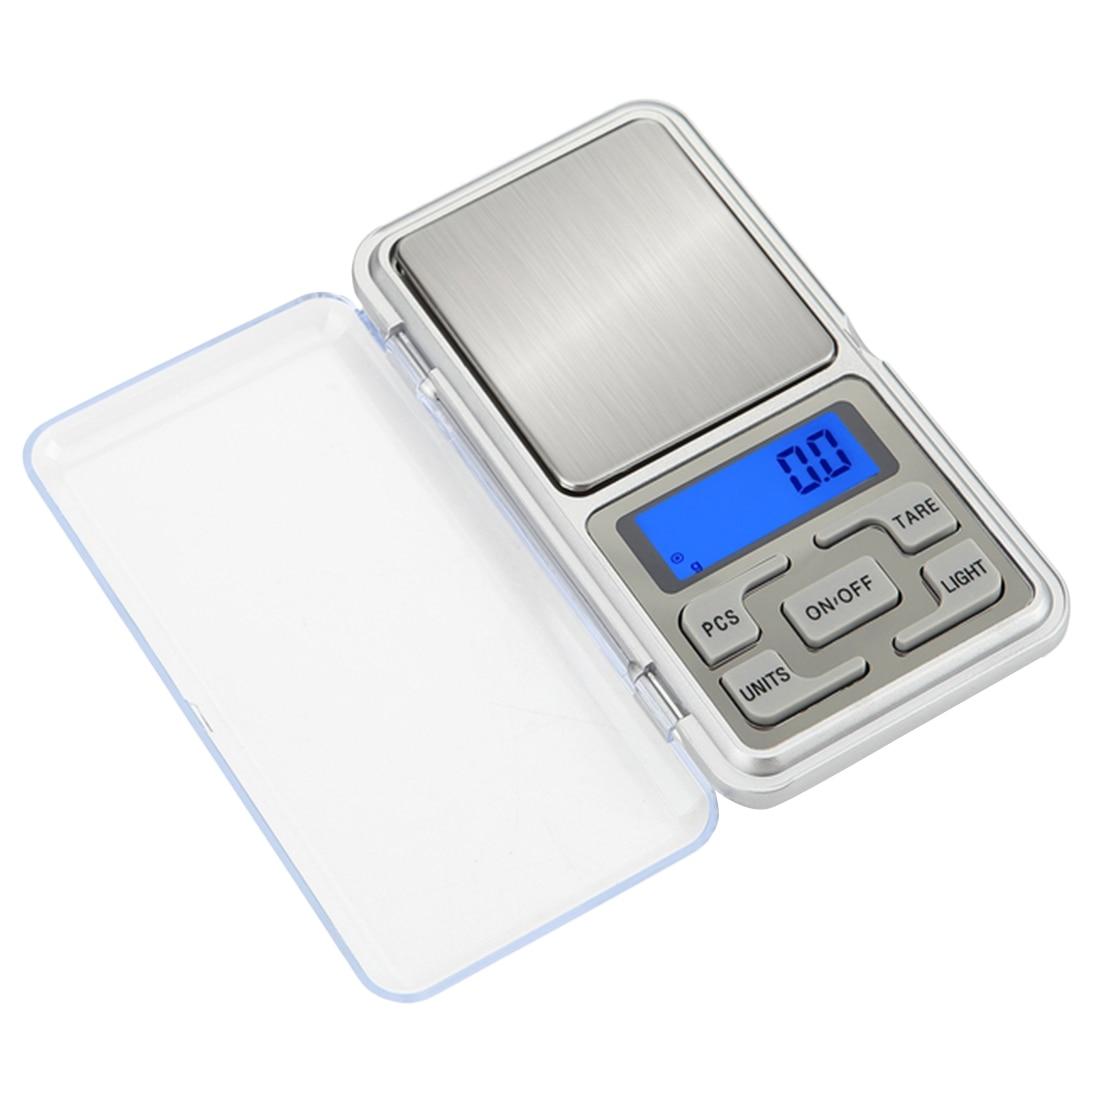 1pc Mini peso digital escalas de bolsillo 0,1/0,01g pantalla LCD con luz de fondo 100-500g de bolsillo joyería gramo peso equilibrio